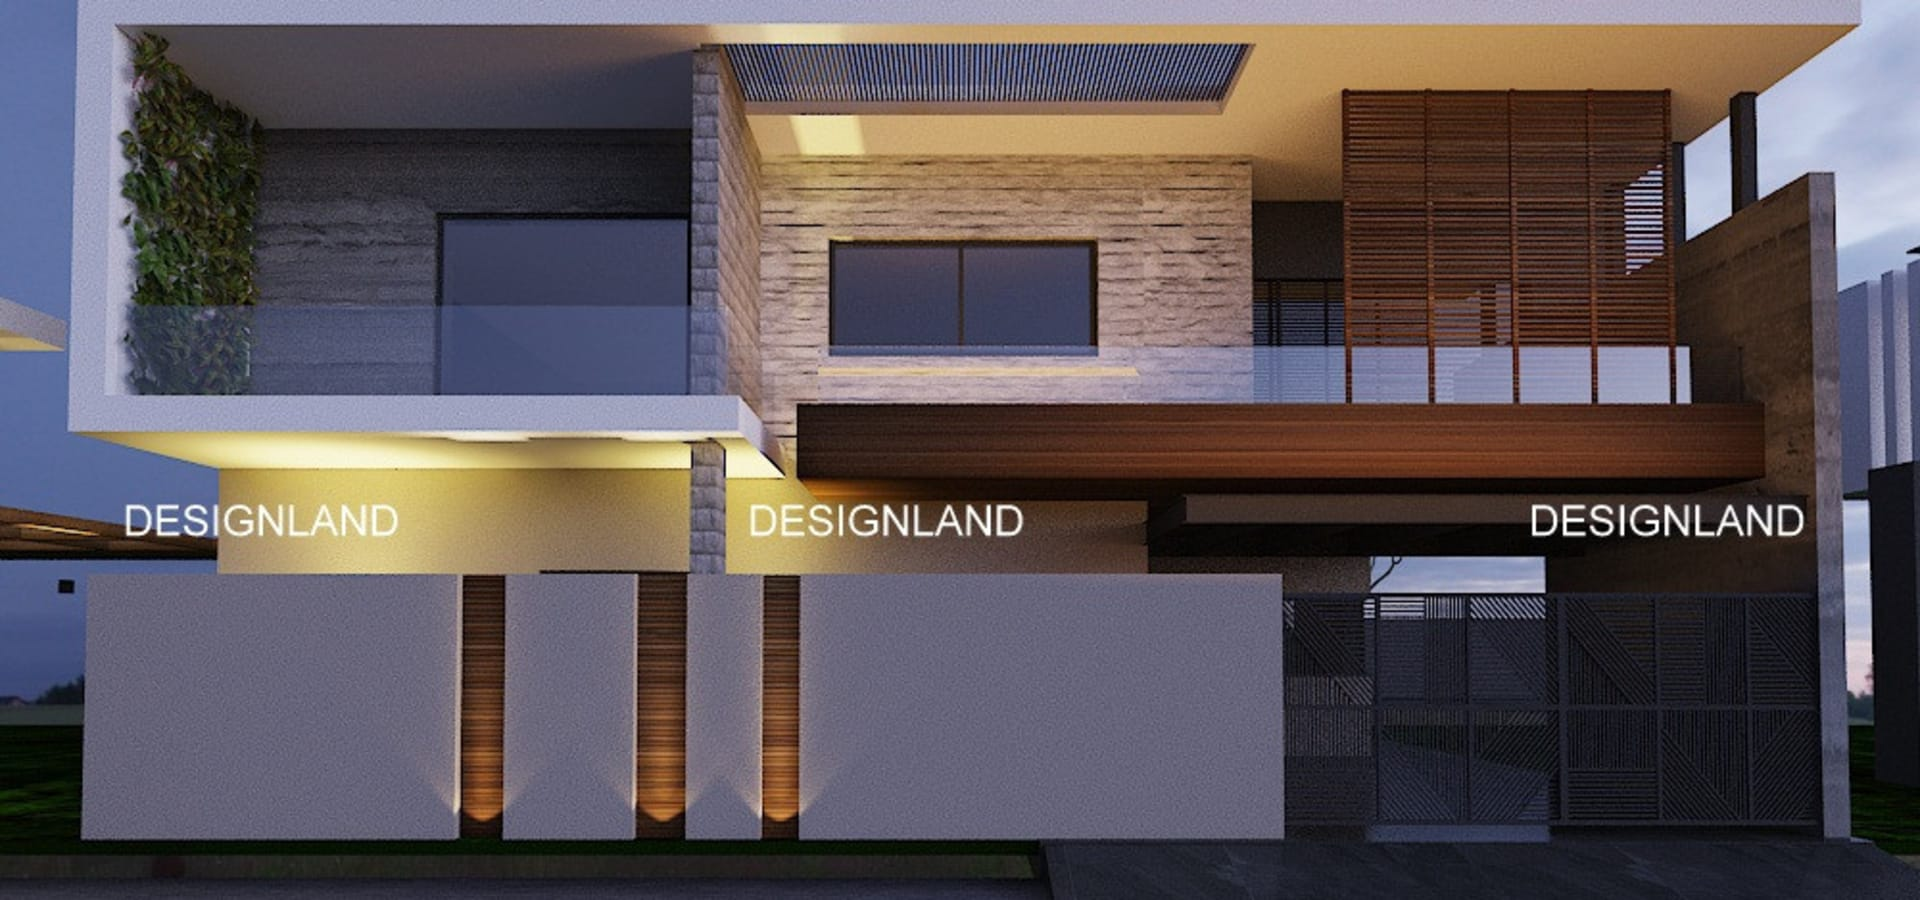 DESIGNLAND